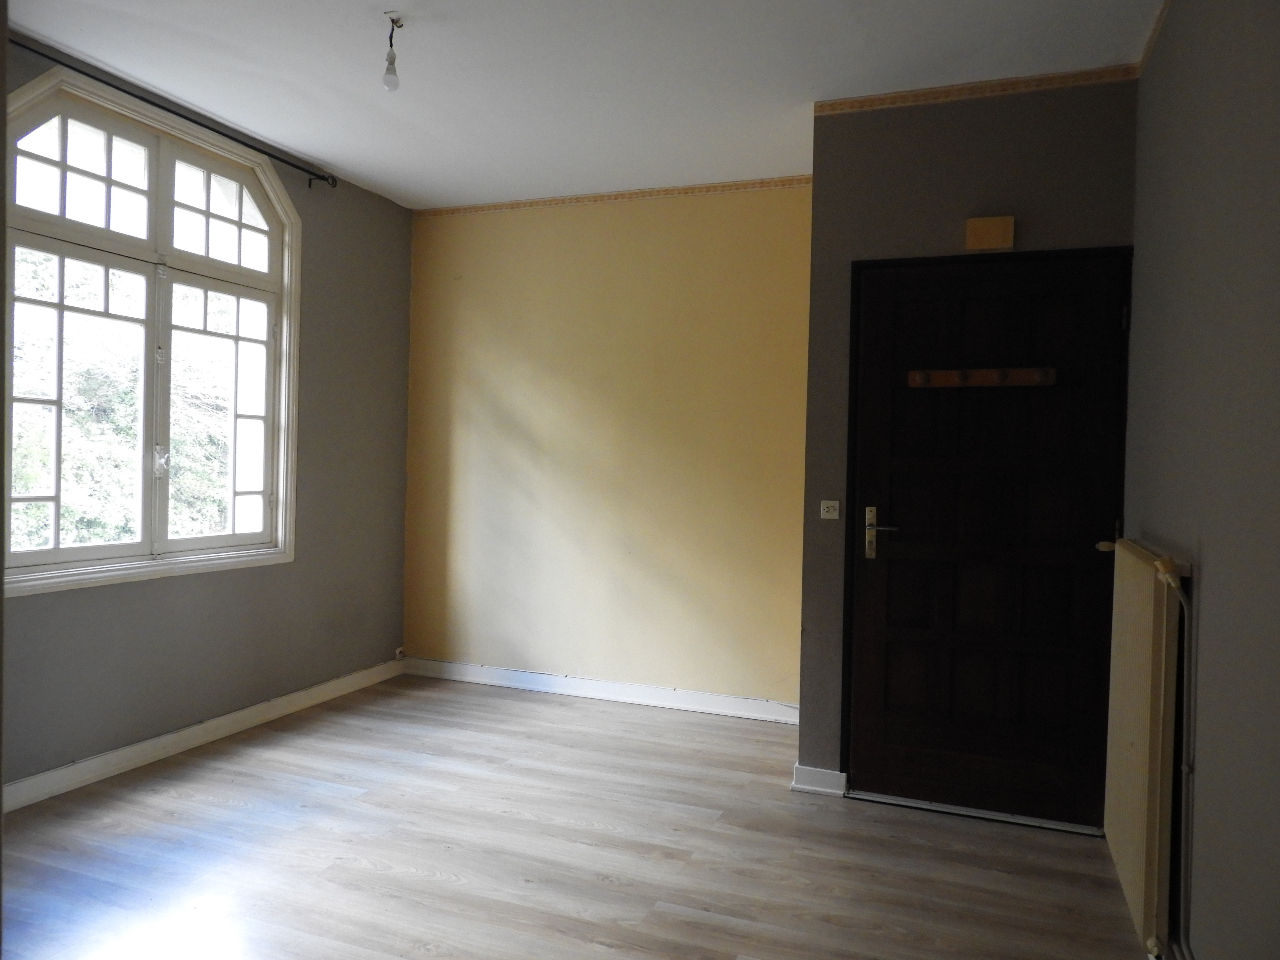 achat appartement locataire en place achat vente immeuble. Black Bedroom Furniture Sets. Home Design Ideas